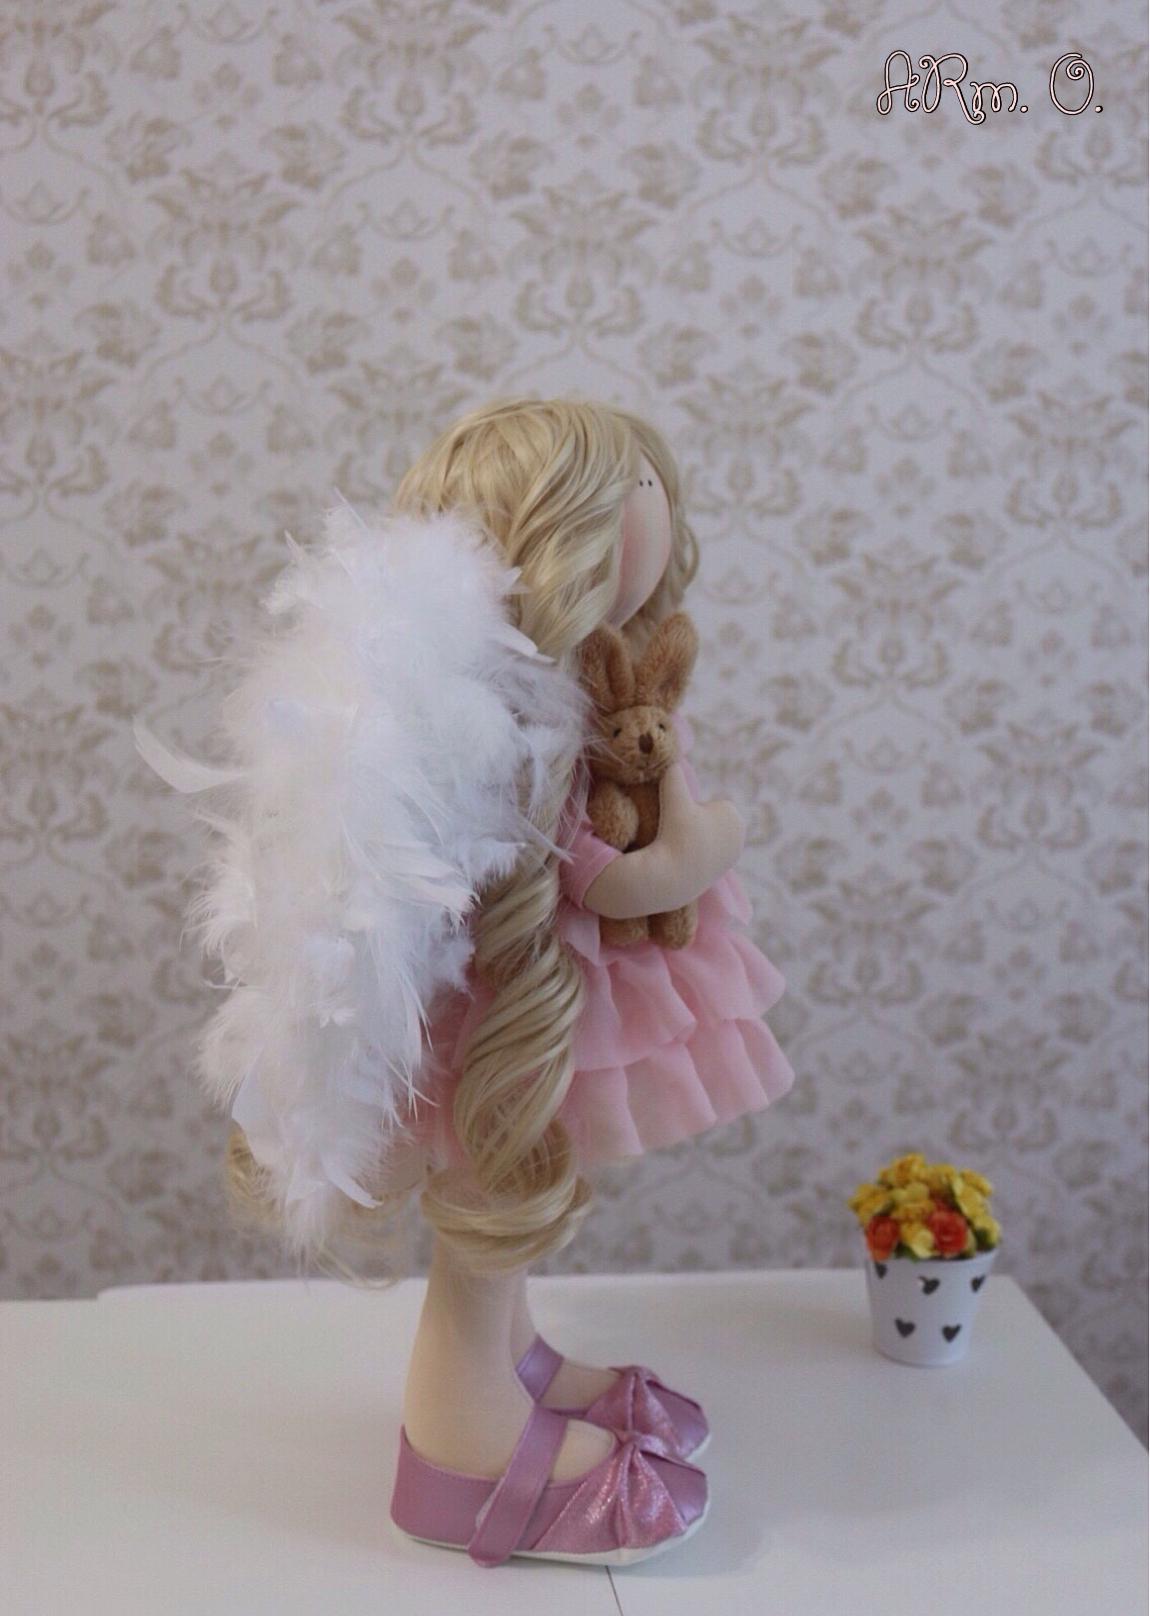 И опять ангел-хранитель, какие же они воздушные